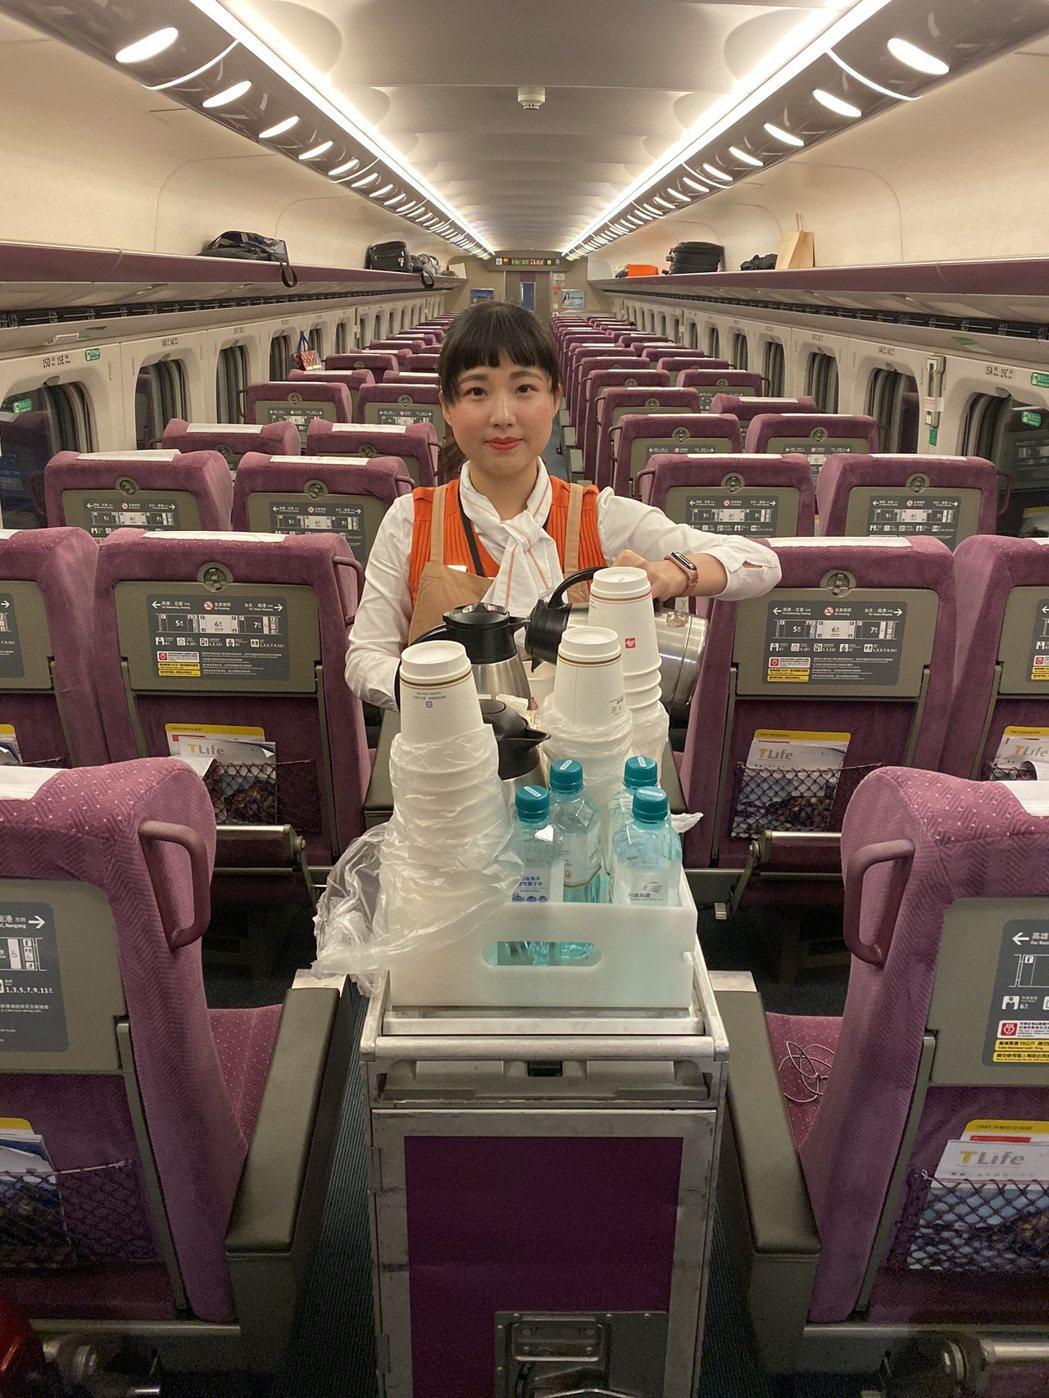 高鐵列車上服務的吳雨宣。 萬能科大/提供。